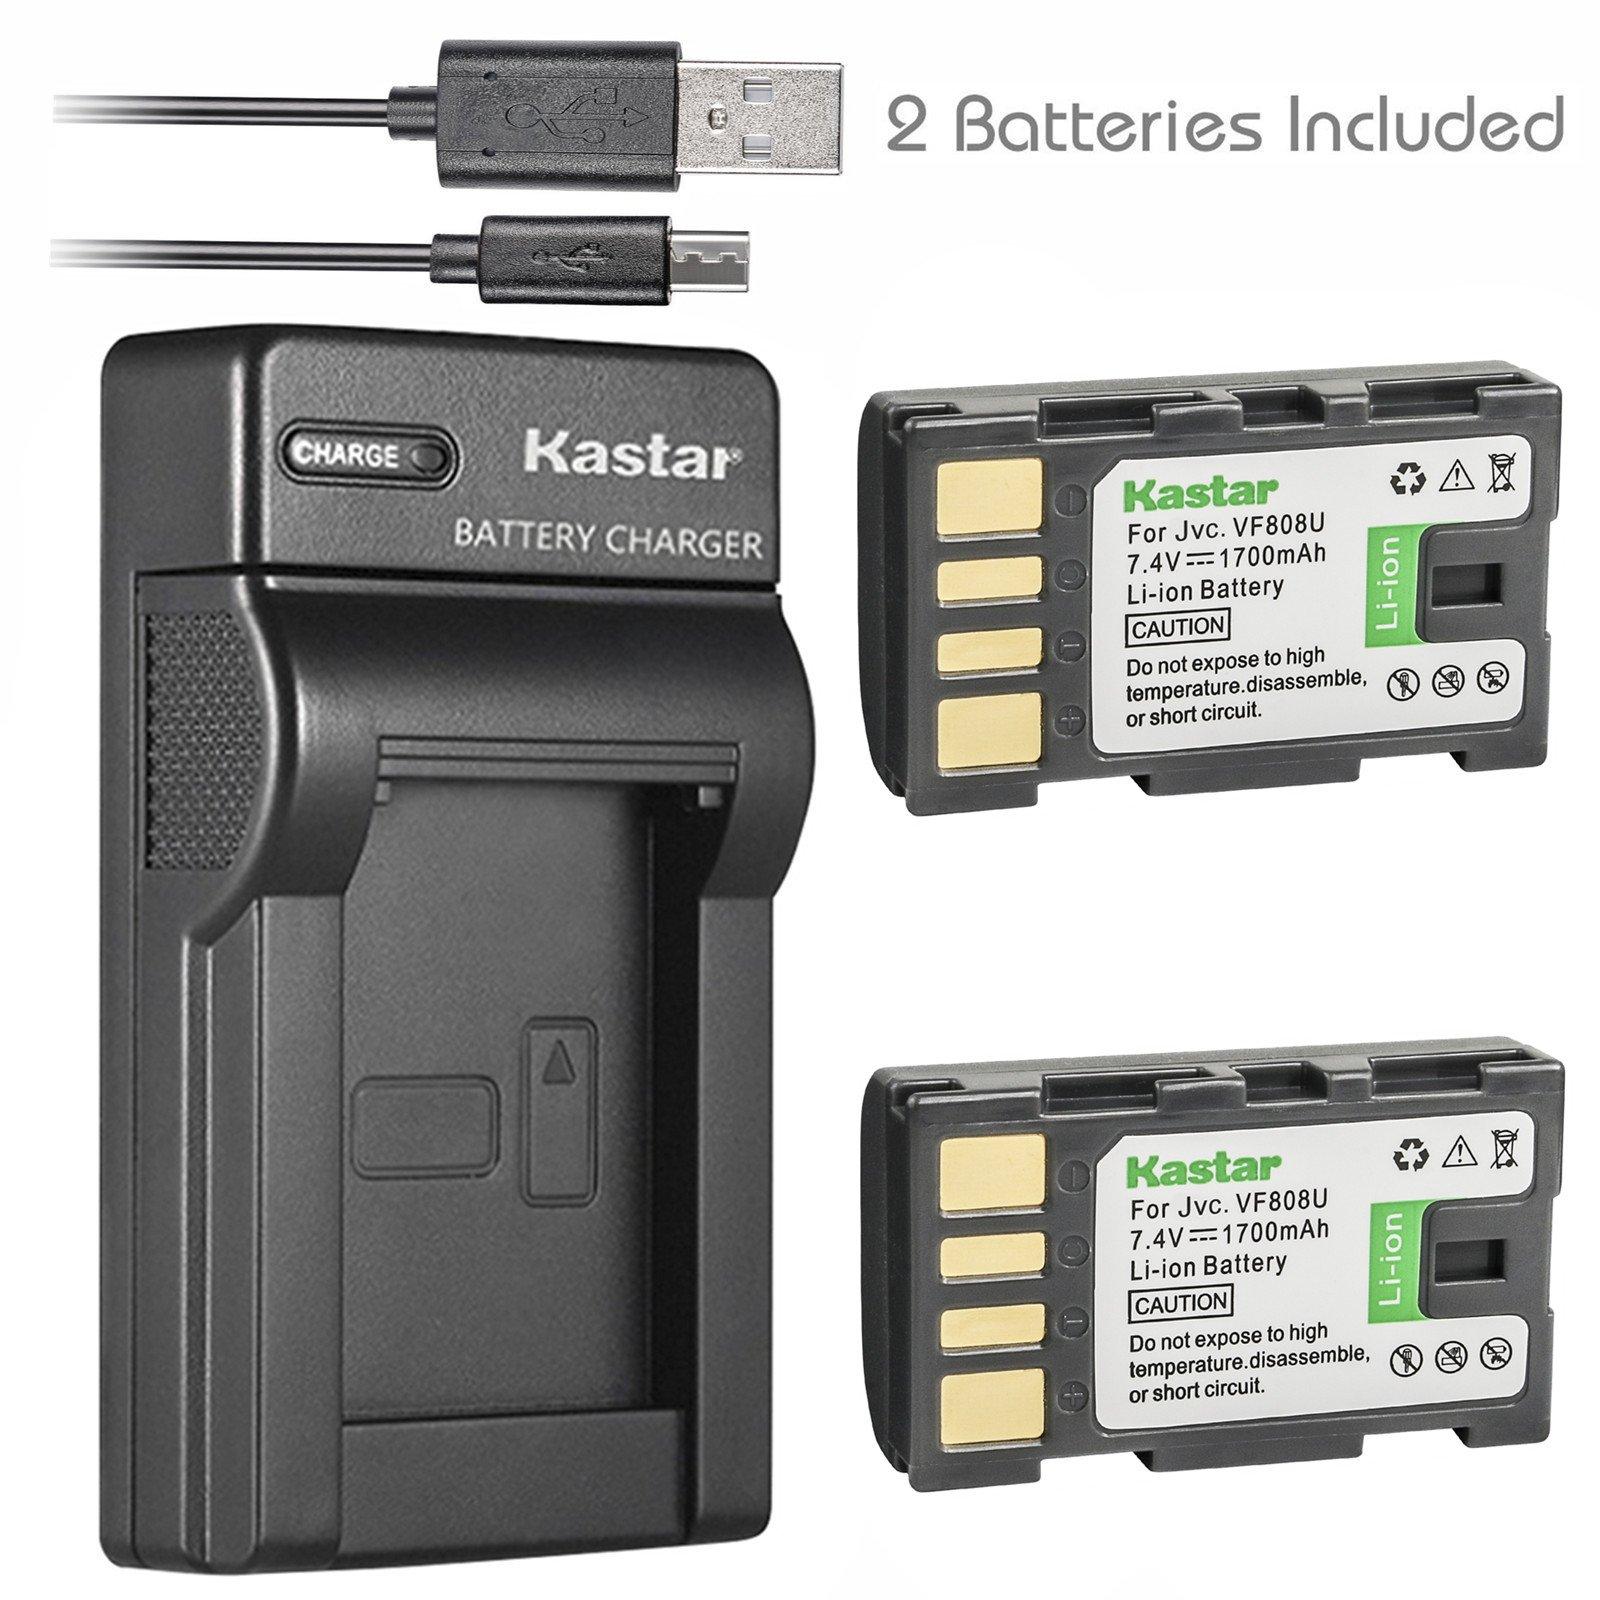 Kastar Battery (X2) & Slim USB Charger for JVC BN-VF808, BN-VF808U, BNVF808 and JVC Everio GZ-MG130 148 150 155 175 255 275 575 GZ-HD7 GR-D745 746 750 760 770 771 775 790 796 JVC MiniDV + More by Kastar